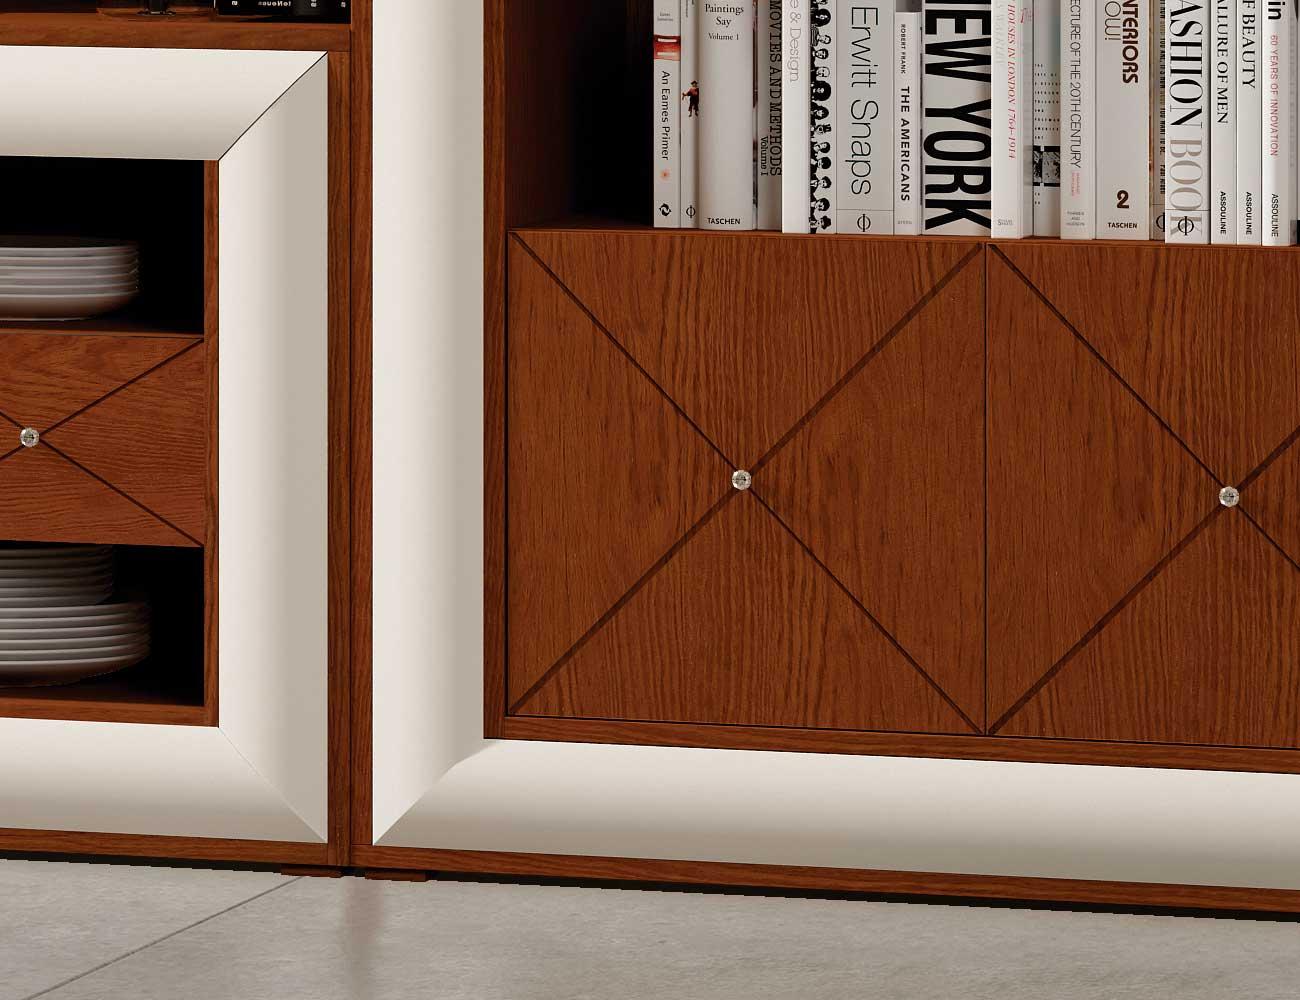 Mueble salon neoclasico cerezo blanco roto detalle